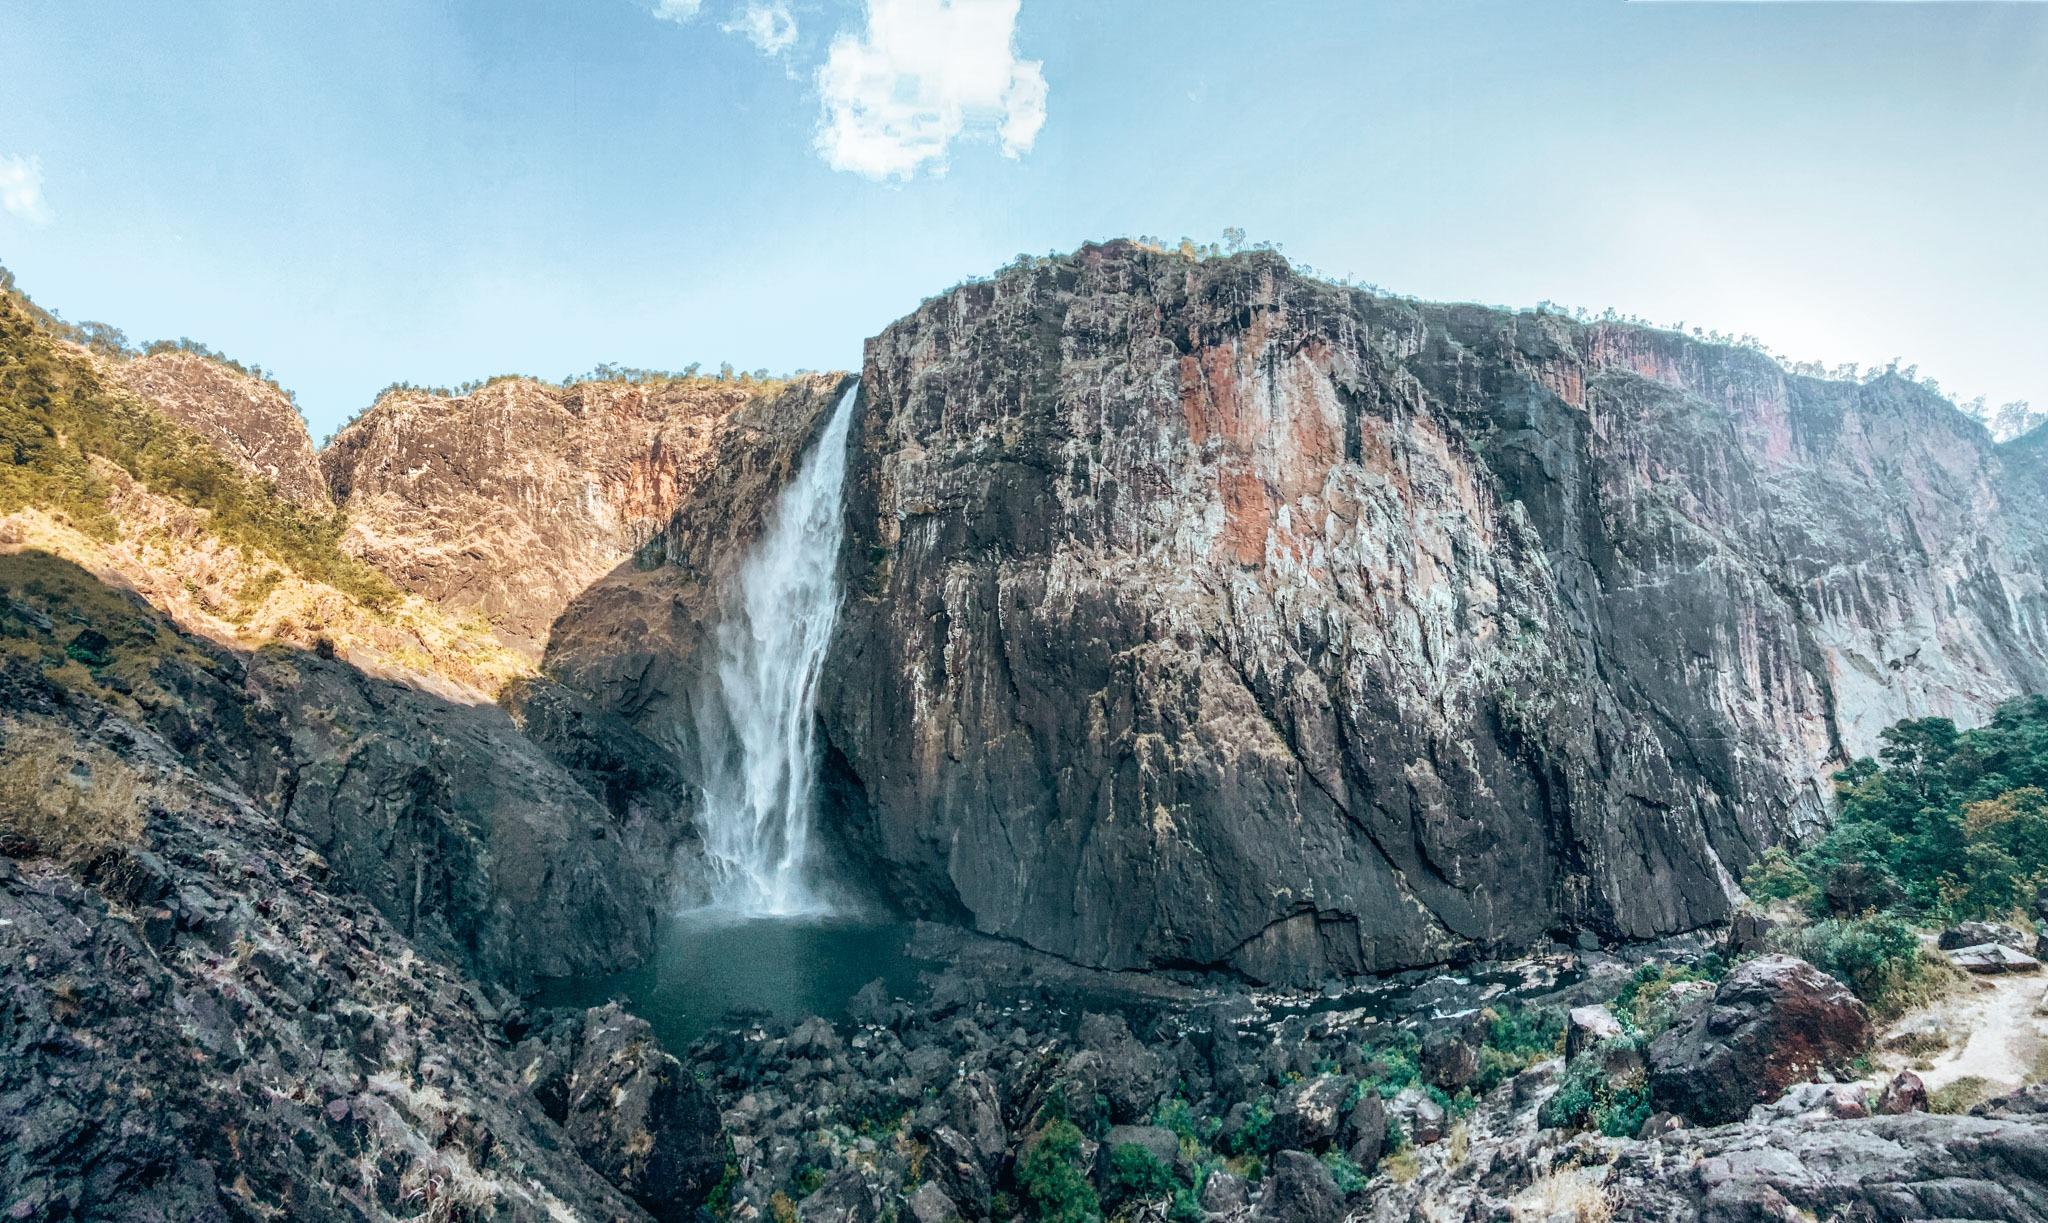 Wallaman falls cascades Queensland